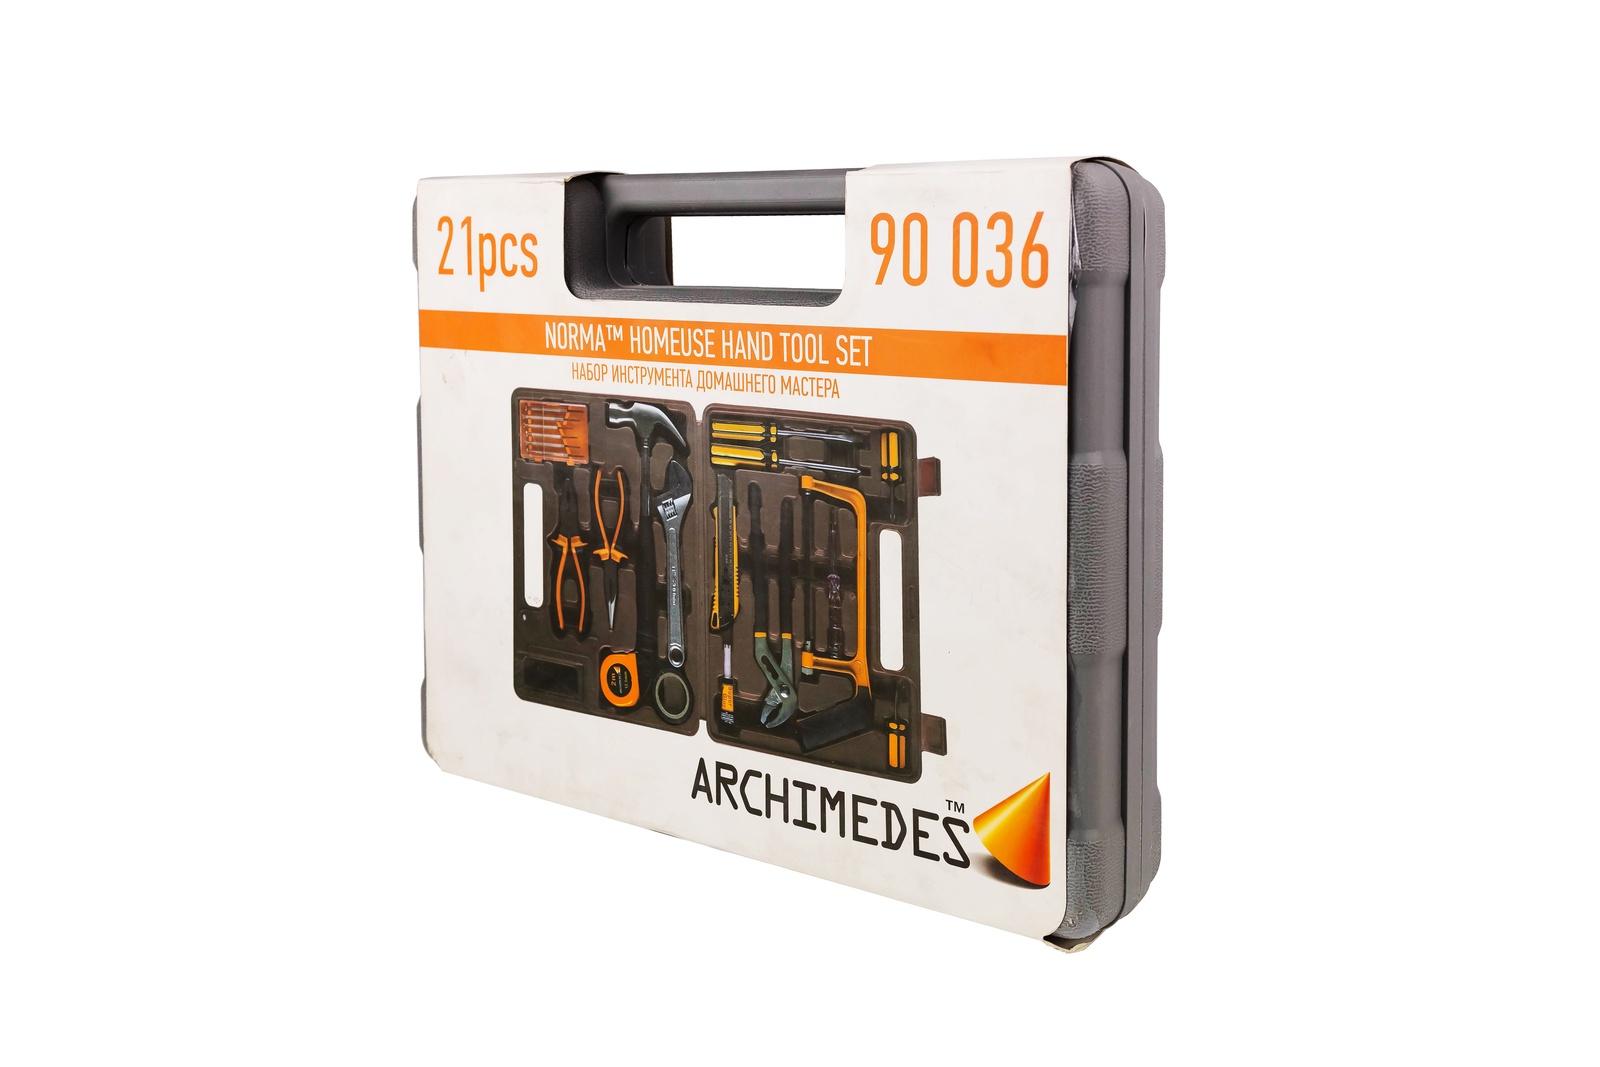 Набор инструментов Archimedes Набор инструмента Norma, 21 шт набор инструментов archimedes набор домашнего мастера 113 шт